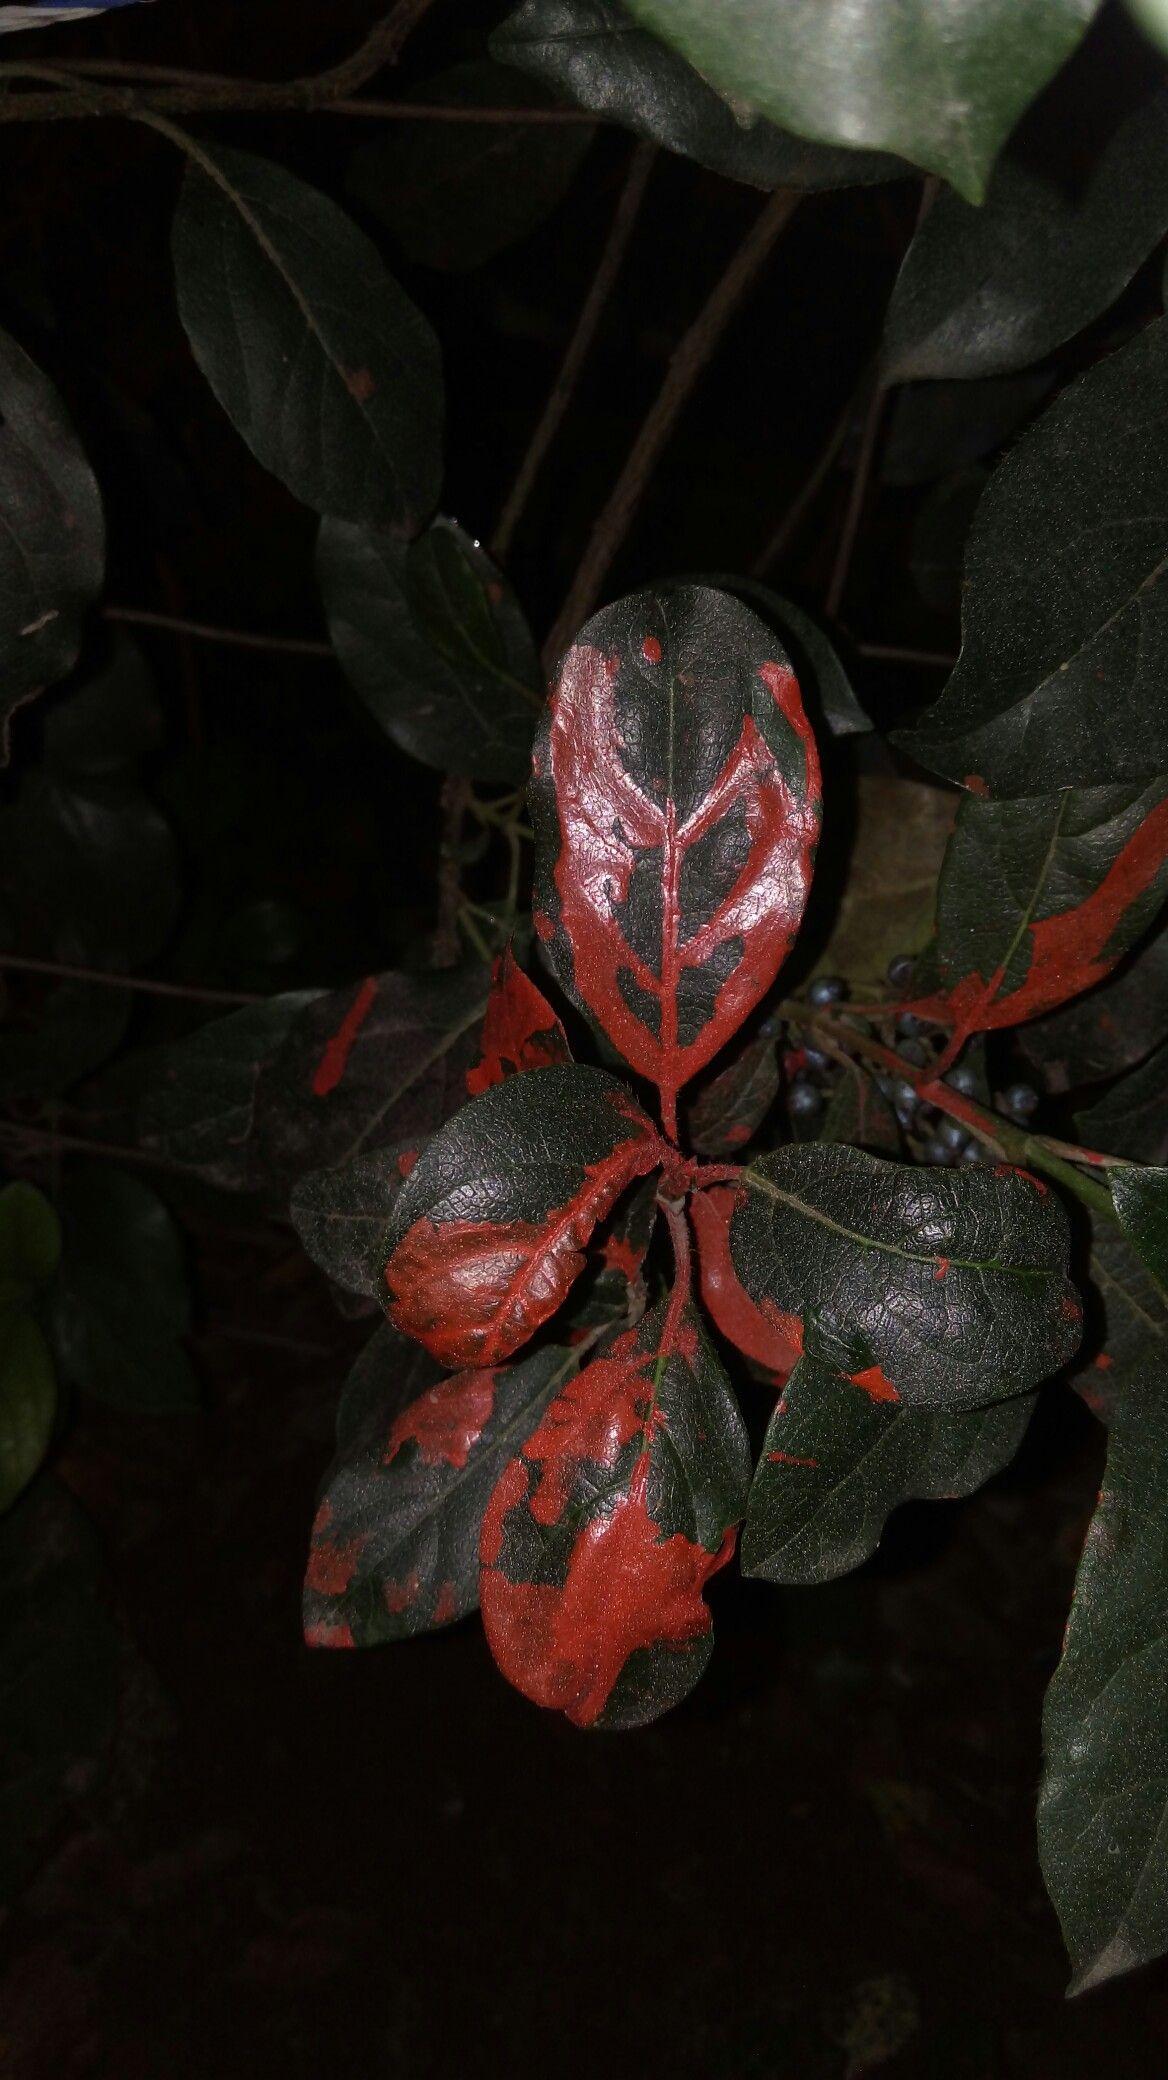 #art art #redqueen red queen's been here